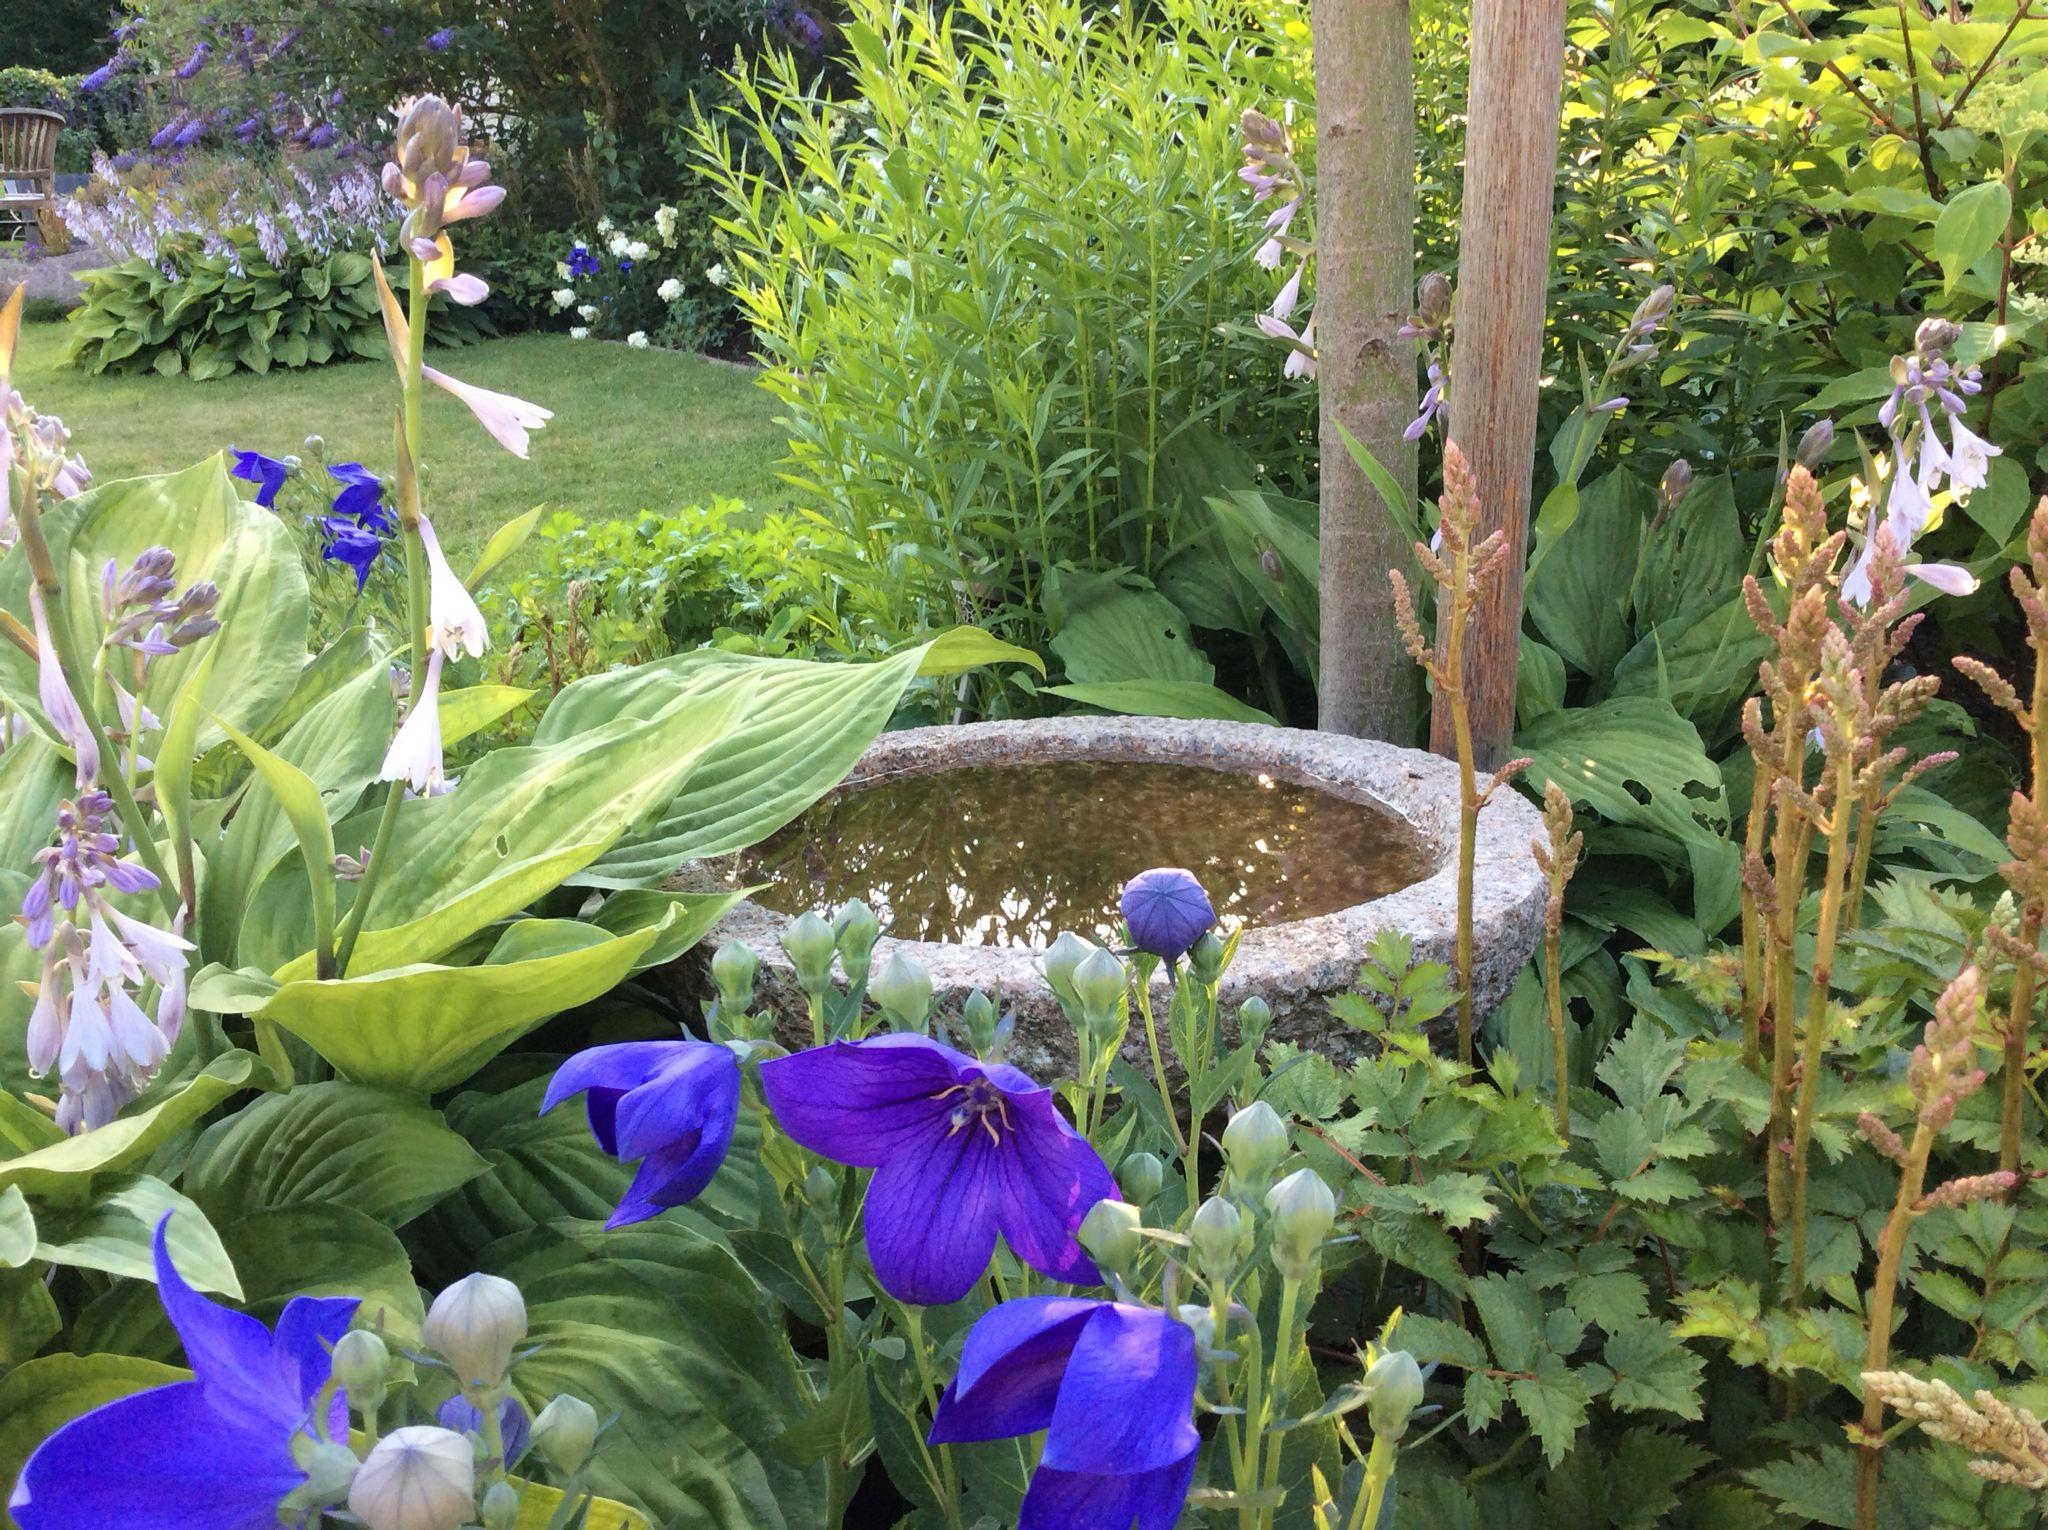 Autre Idée De Réceptacle D'eau | Jardins, Conifères, Copeaux ... intérieur Copeaux De Bois Jardin